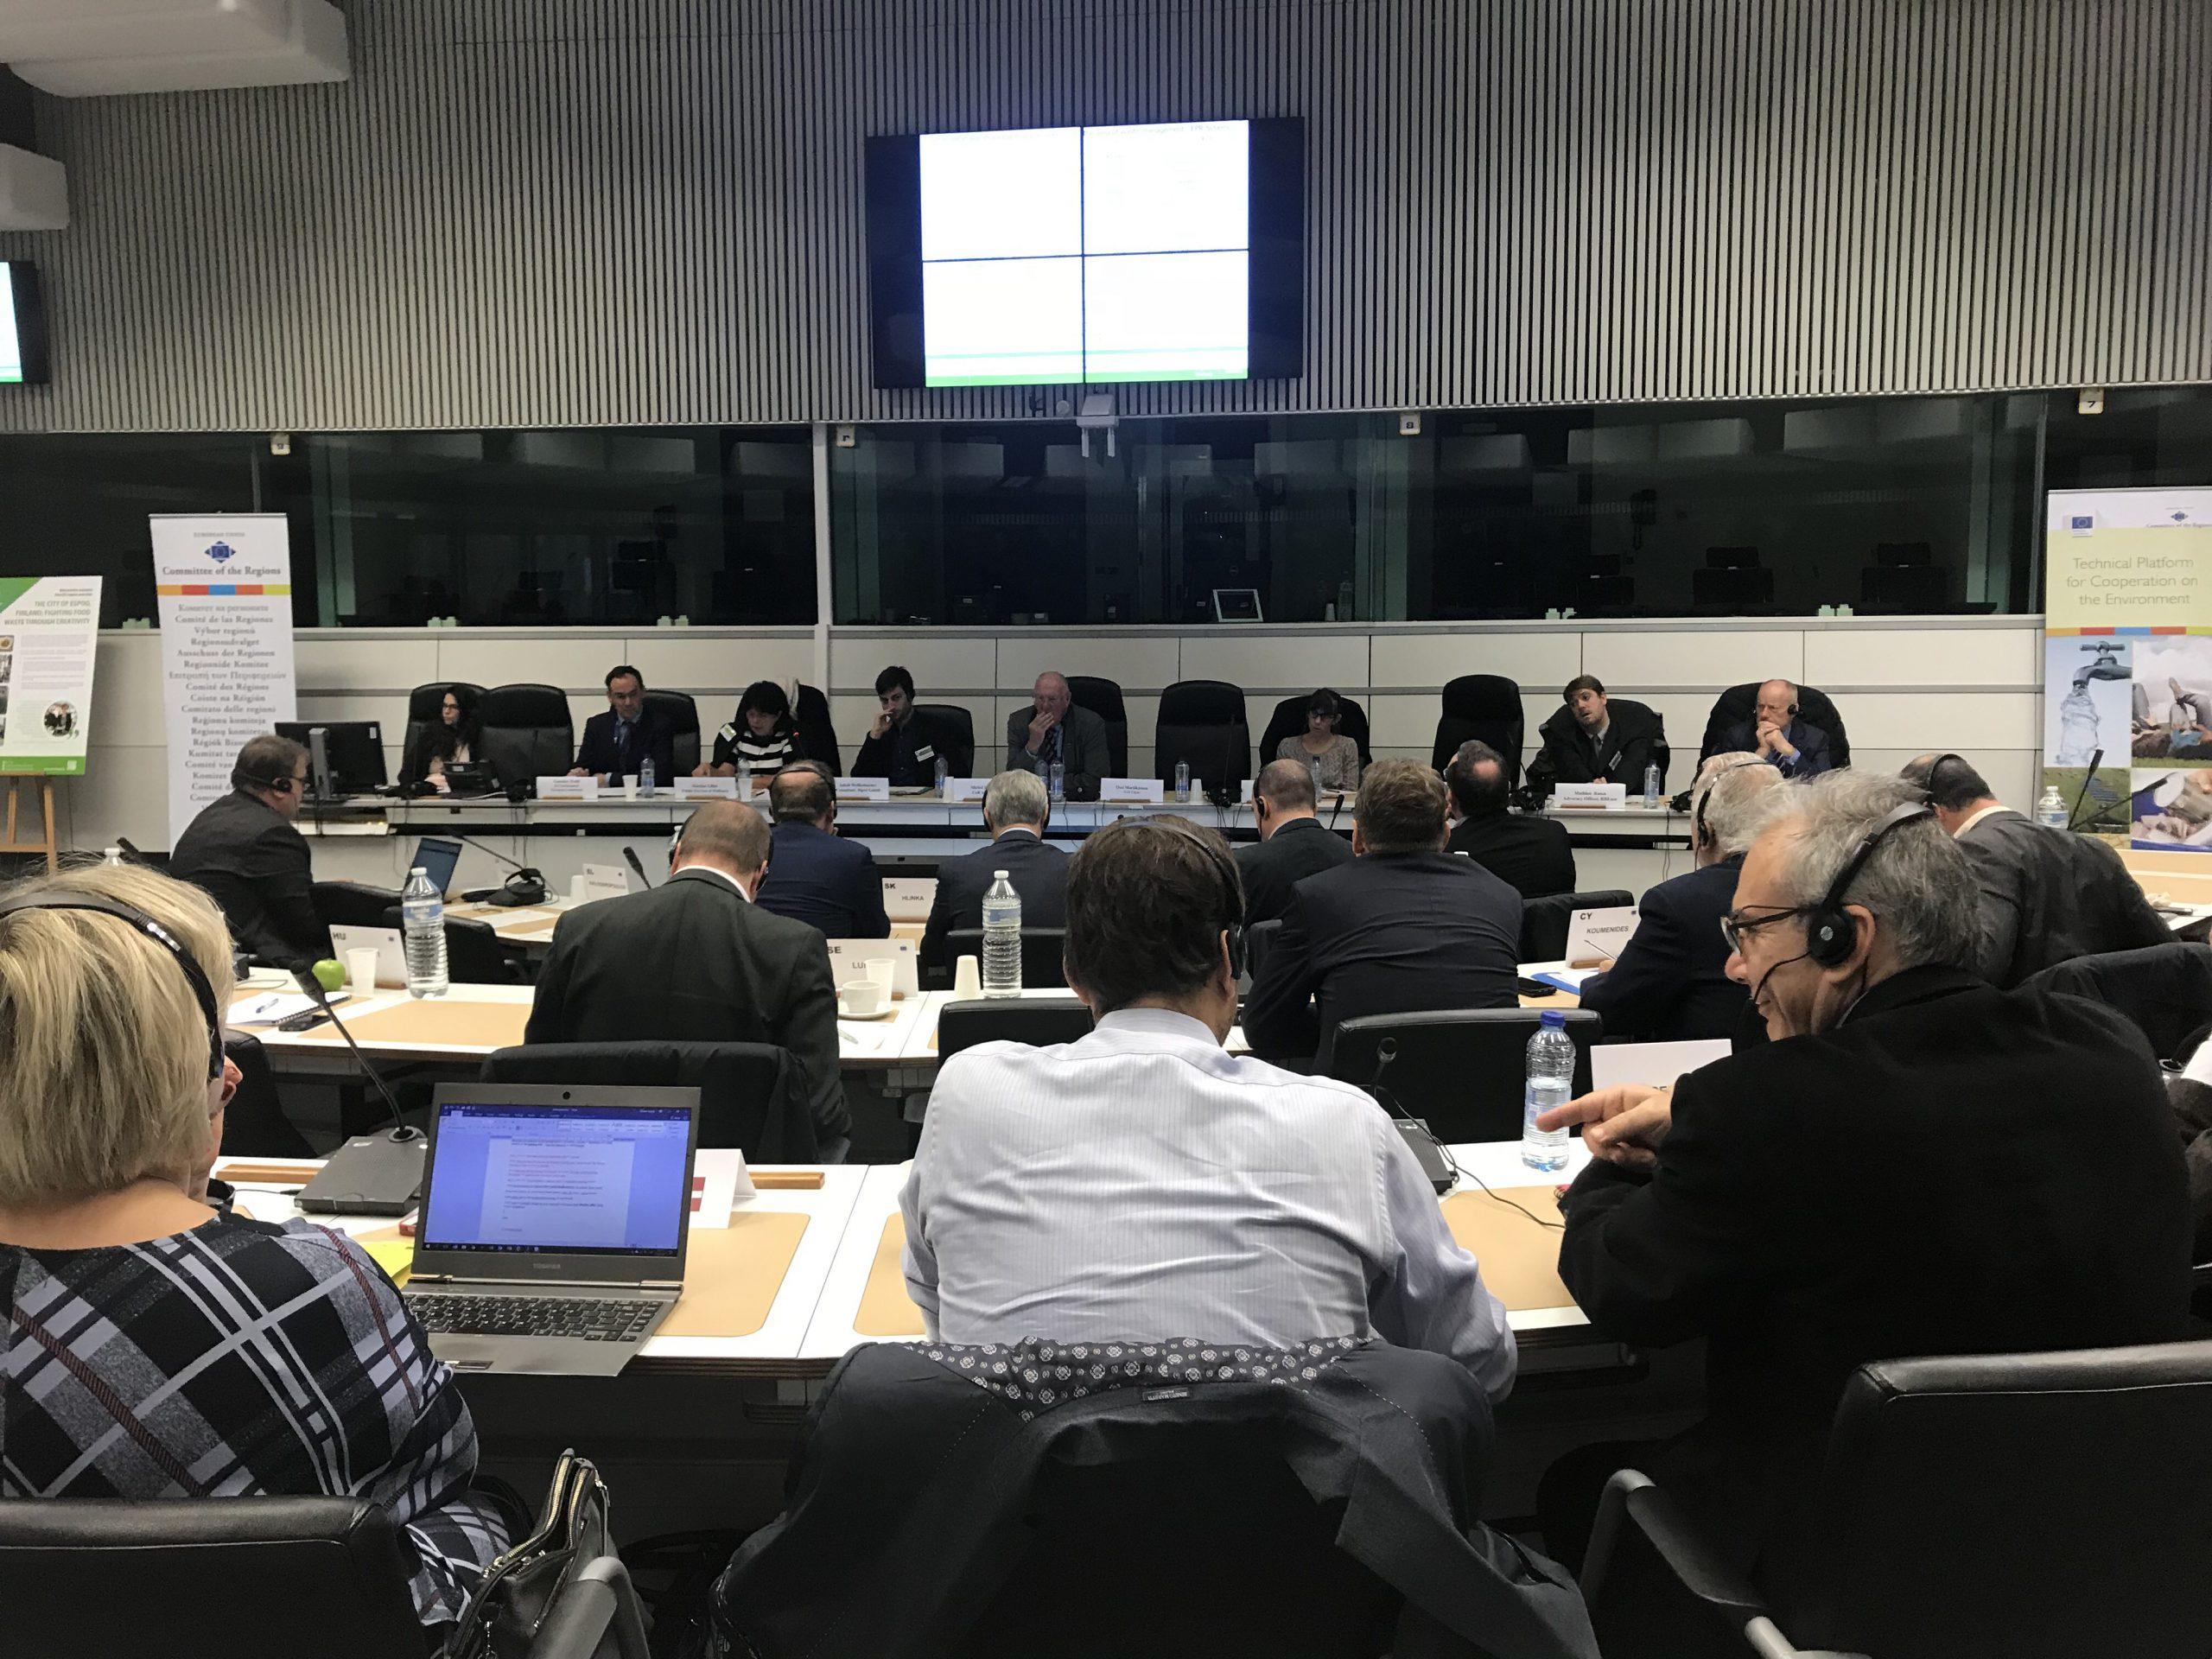 Στις Βρυξέλες το σχέδιο διαχείρισης στερεών αποβλήτων του Δήμου Ηρακλείου